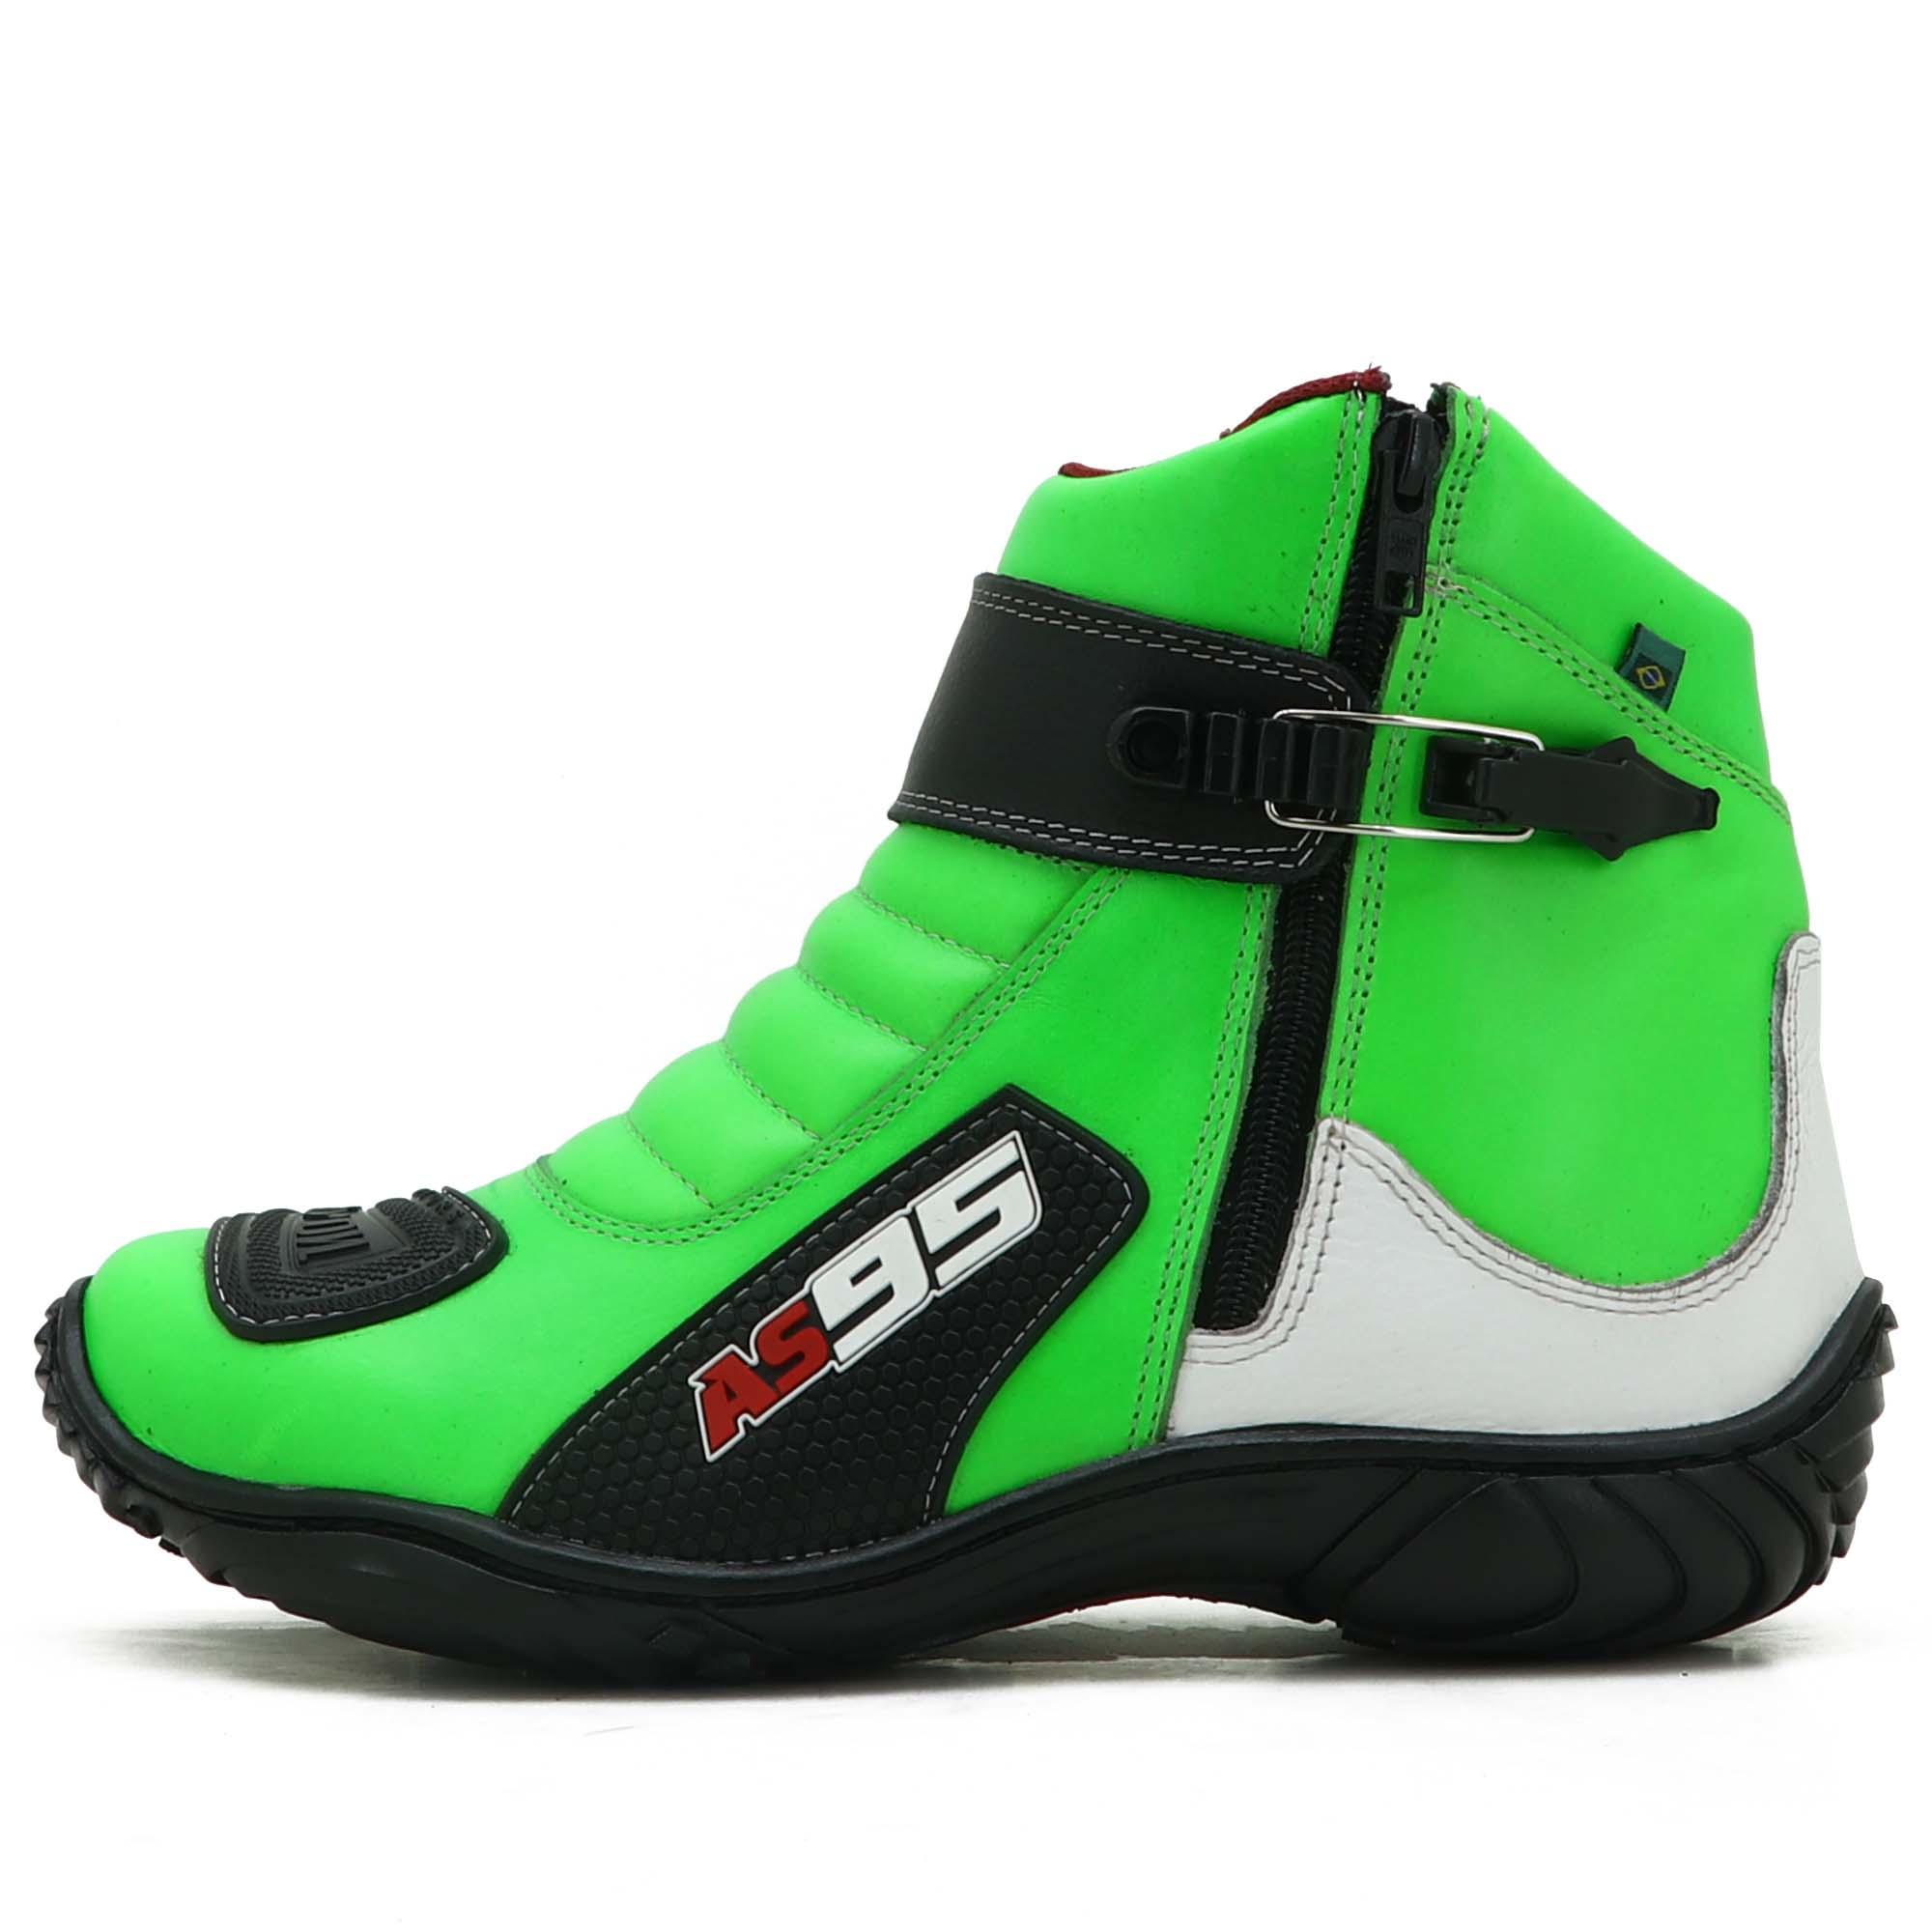 Bota motociclista de couro legítimo nas cores verde branco e preto com zíper AS95